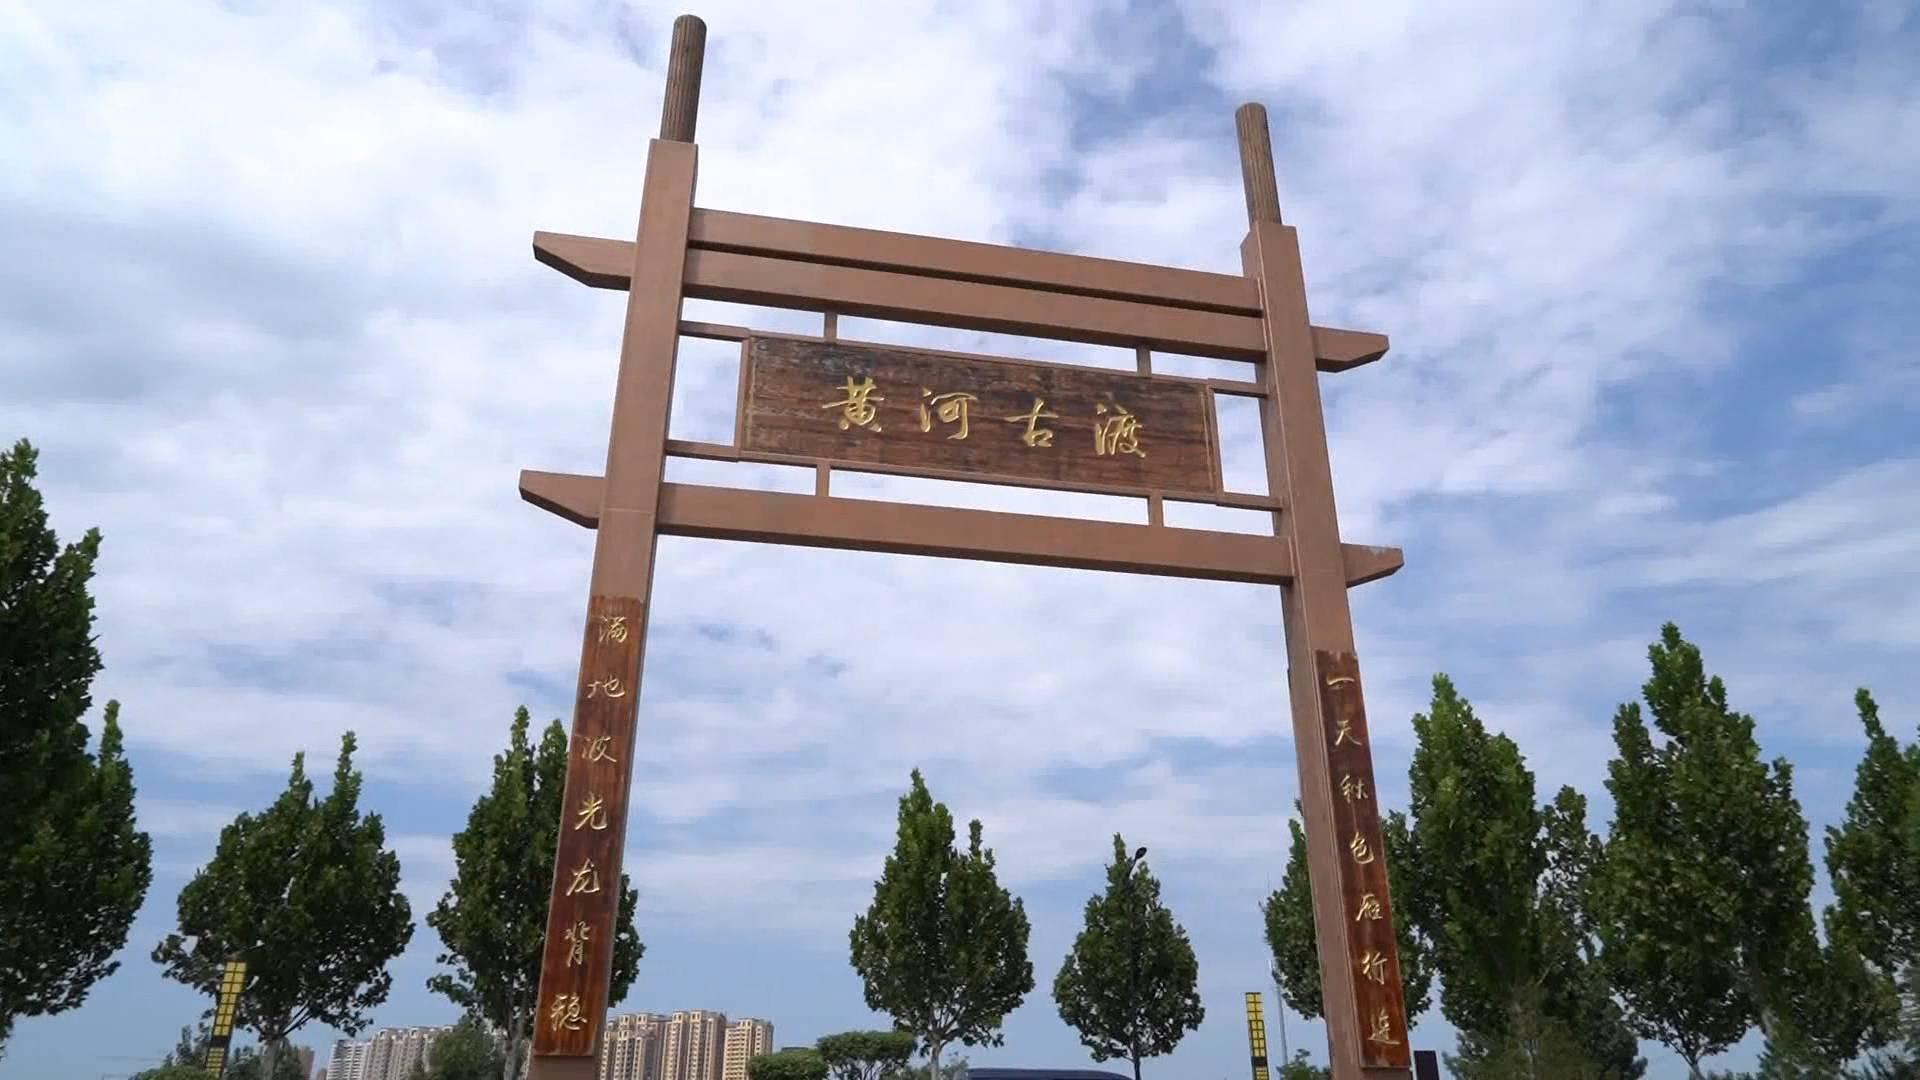 行走黄河两岸!春到济南济阳黄河主题公园